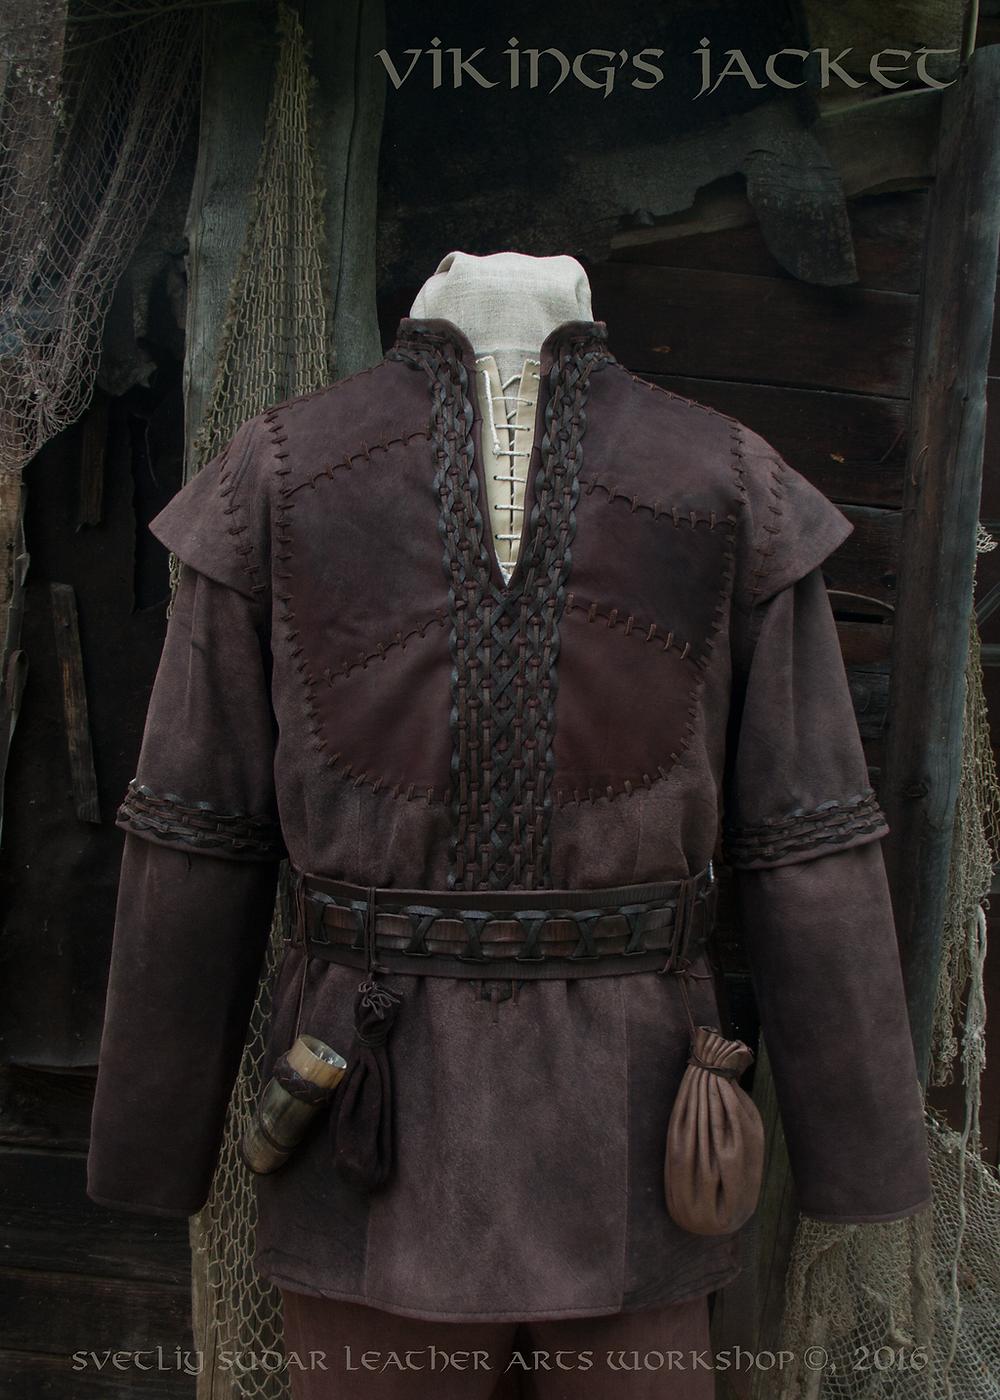 viking_leather_jacket__inspired_ragnar_lothbrok__by_svetliy_sudar-da6dj5y